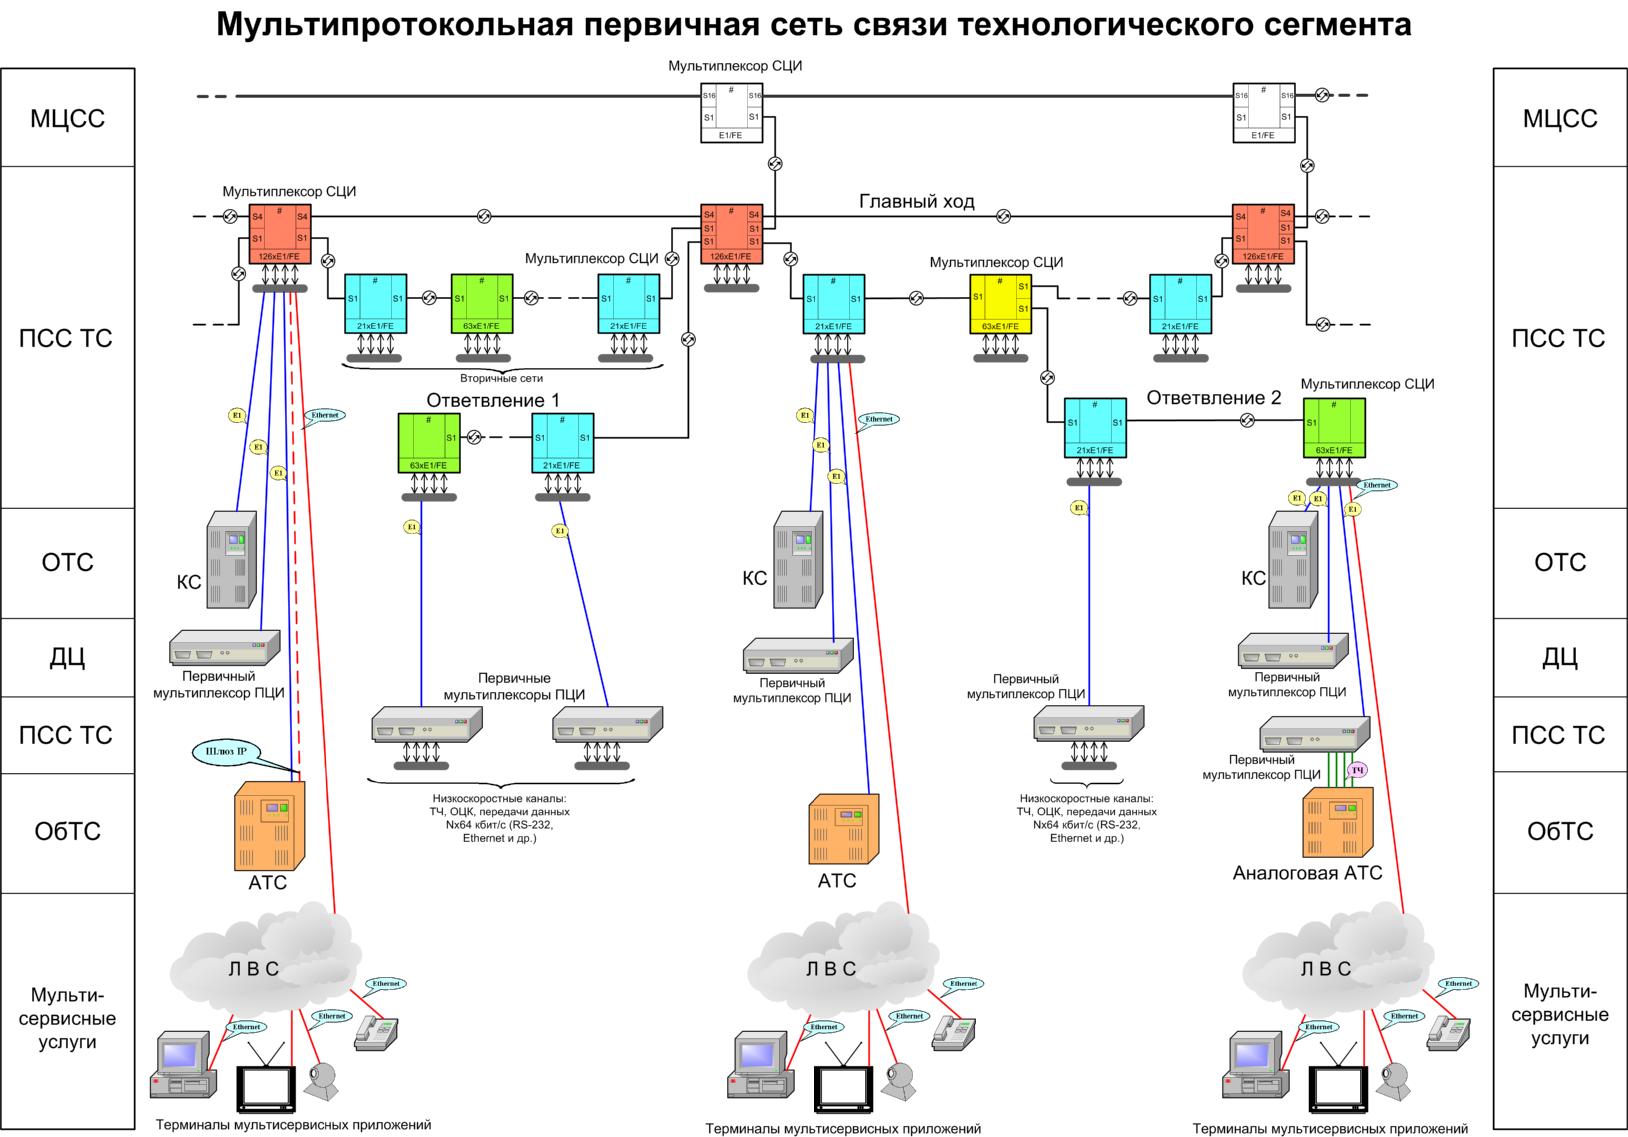 Схему схемы построения сети сетей связи